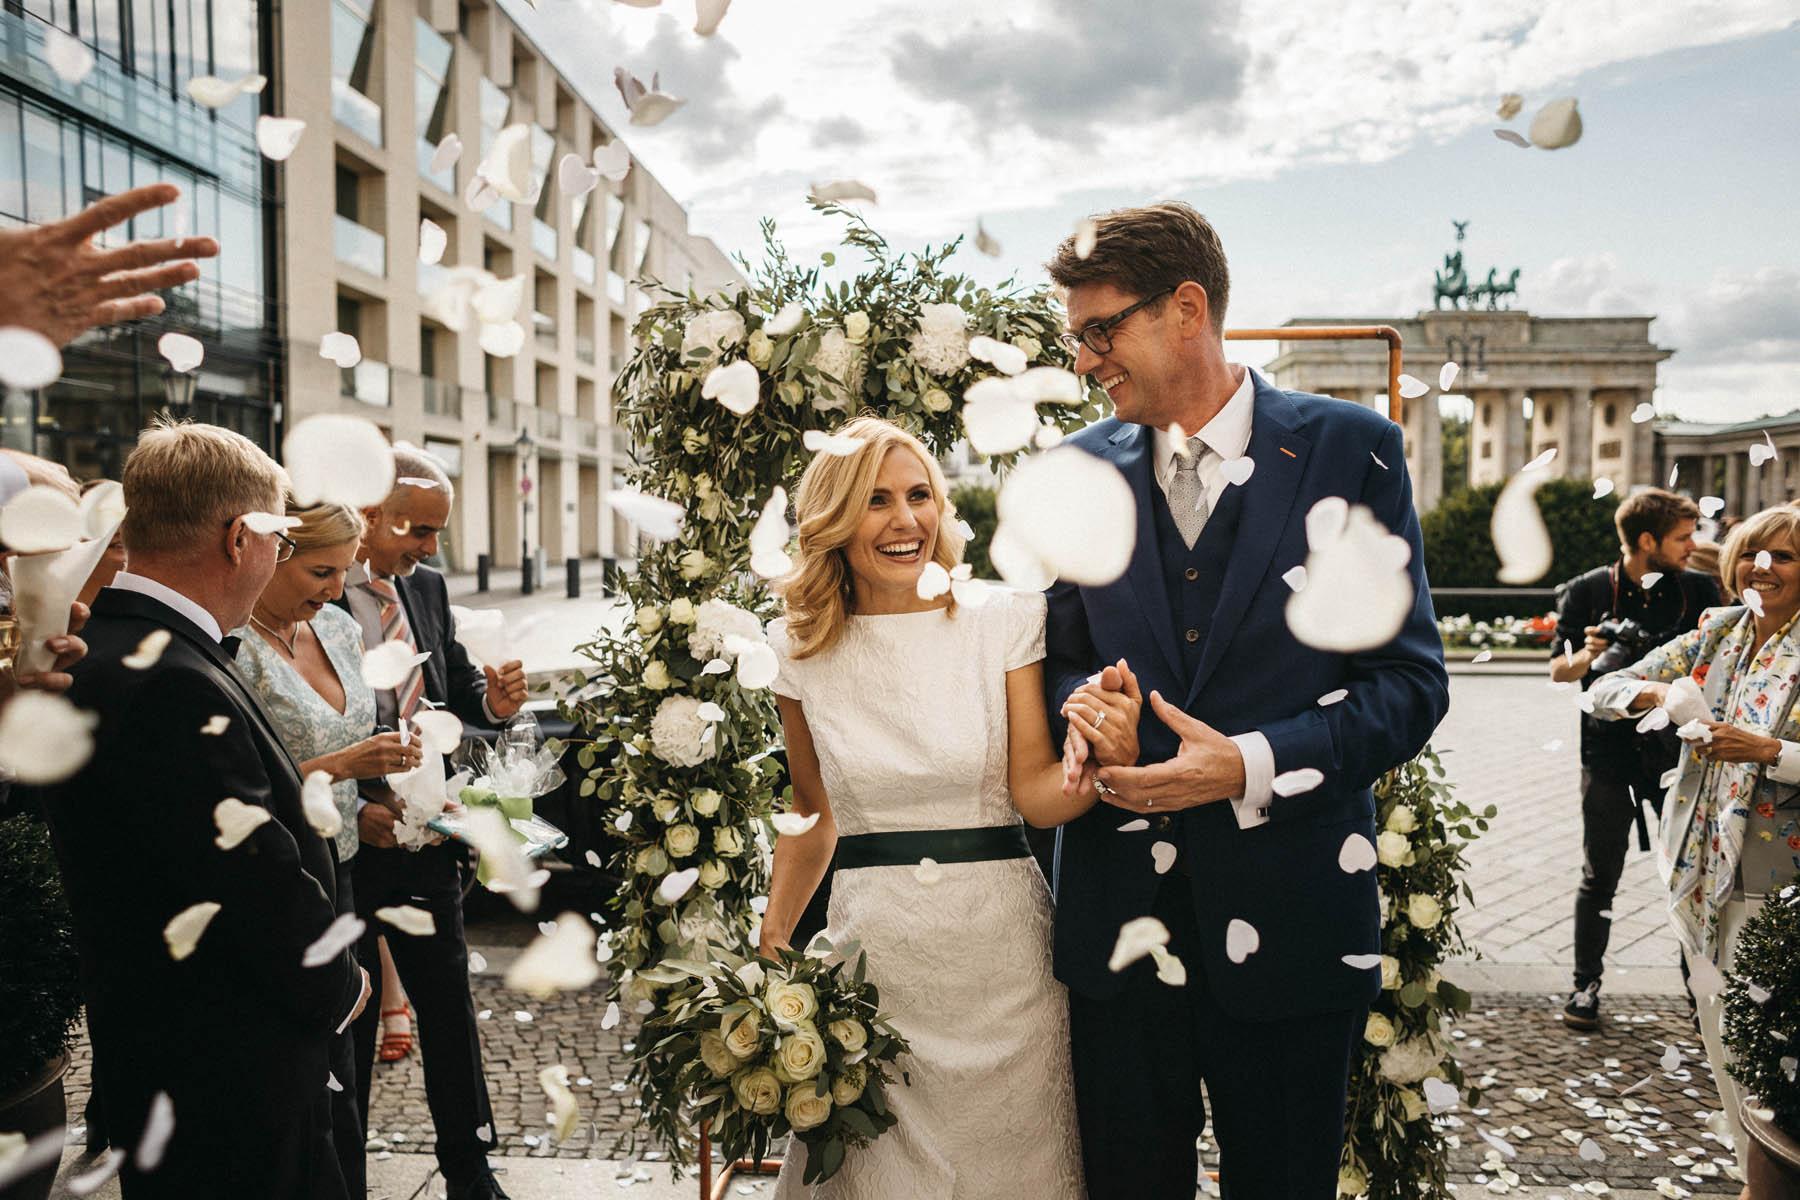 Hochzeit im Hotel Adlon Kempinski in Berlin, mit Blick auf das Brandenburger Tor - Raissa + Simon Fotografie